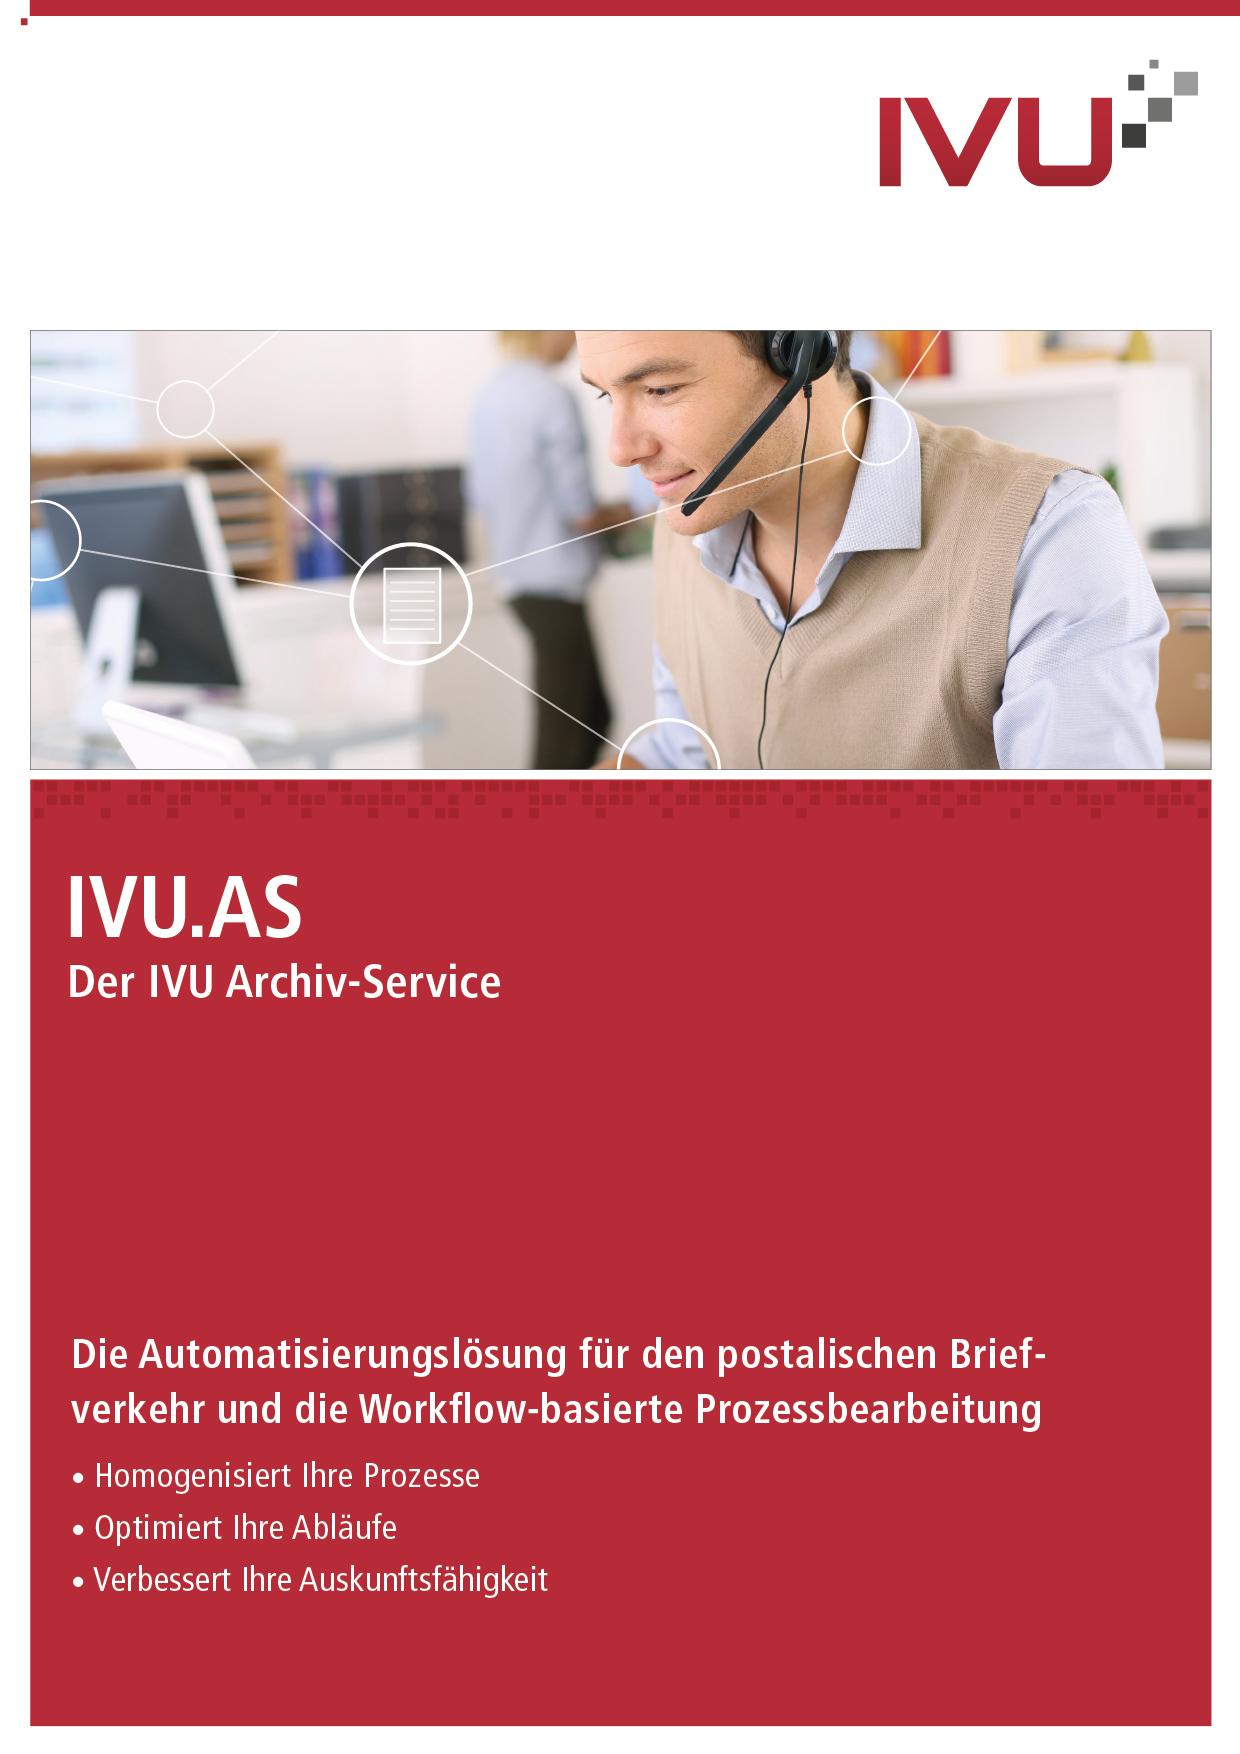 IVU.AS - Der IVU Archiv-Service